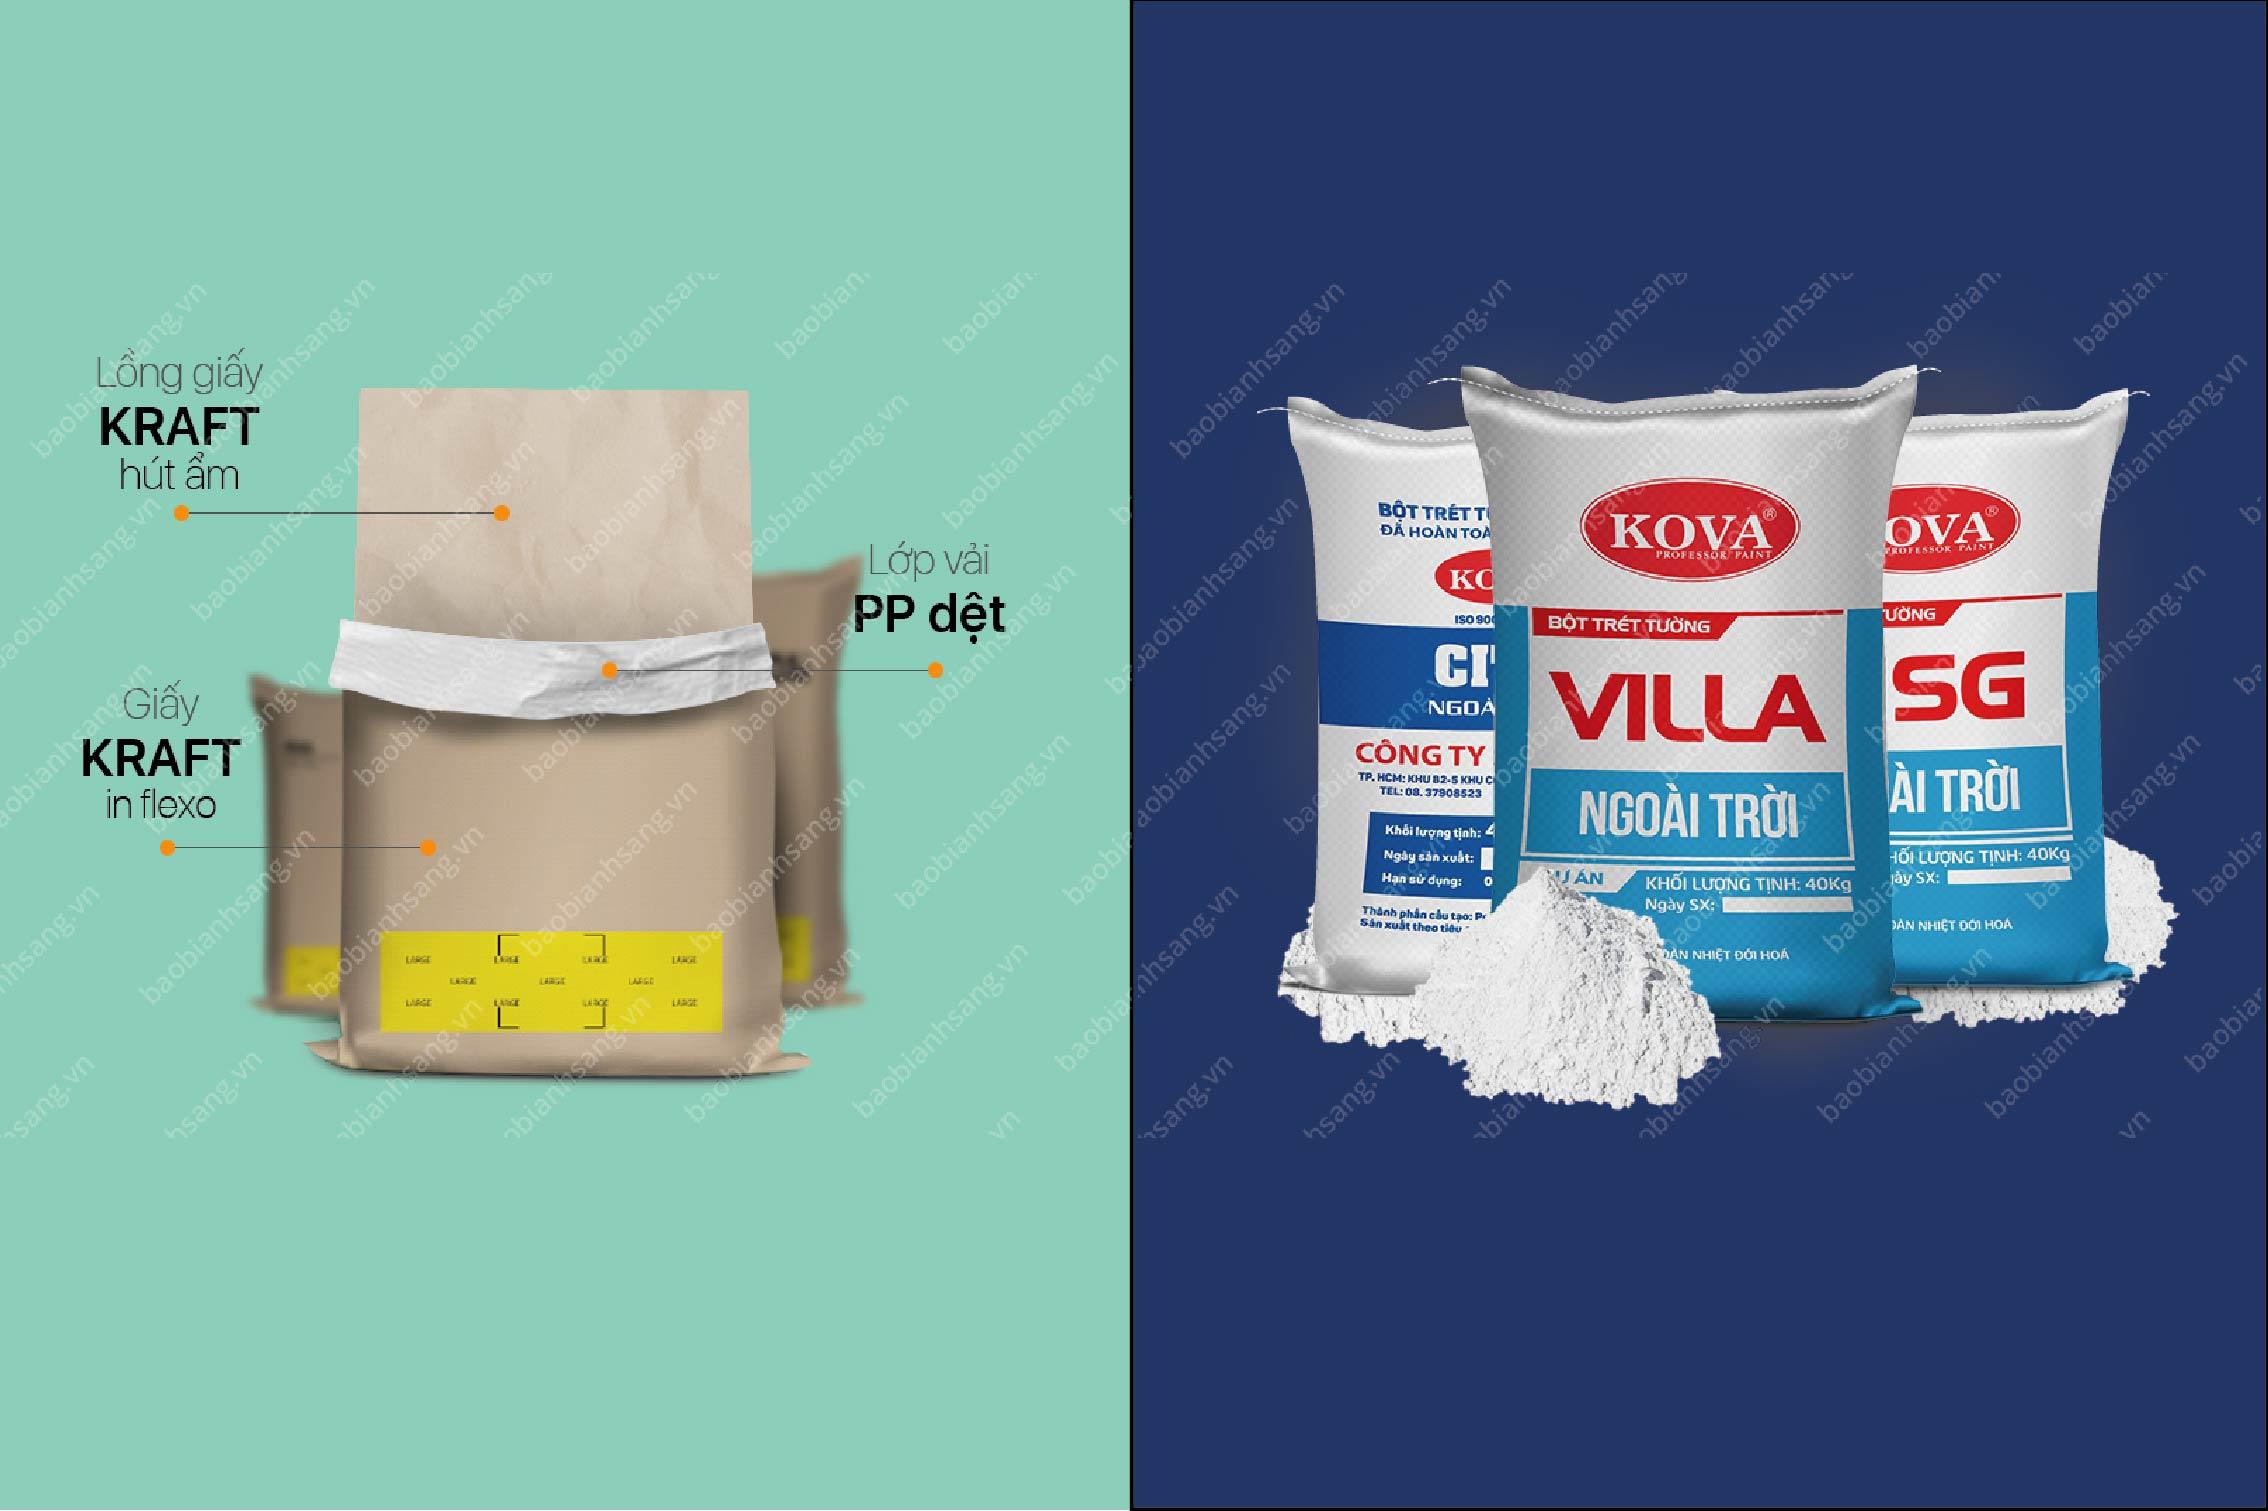 Bao bì giấy Kraft ghép nhựa PP đựng bột trét tường - bao bì giấy ngành bột trét tường